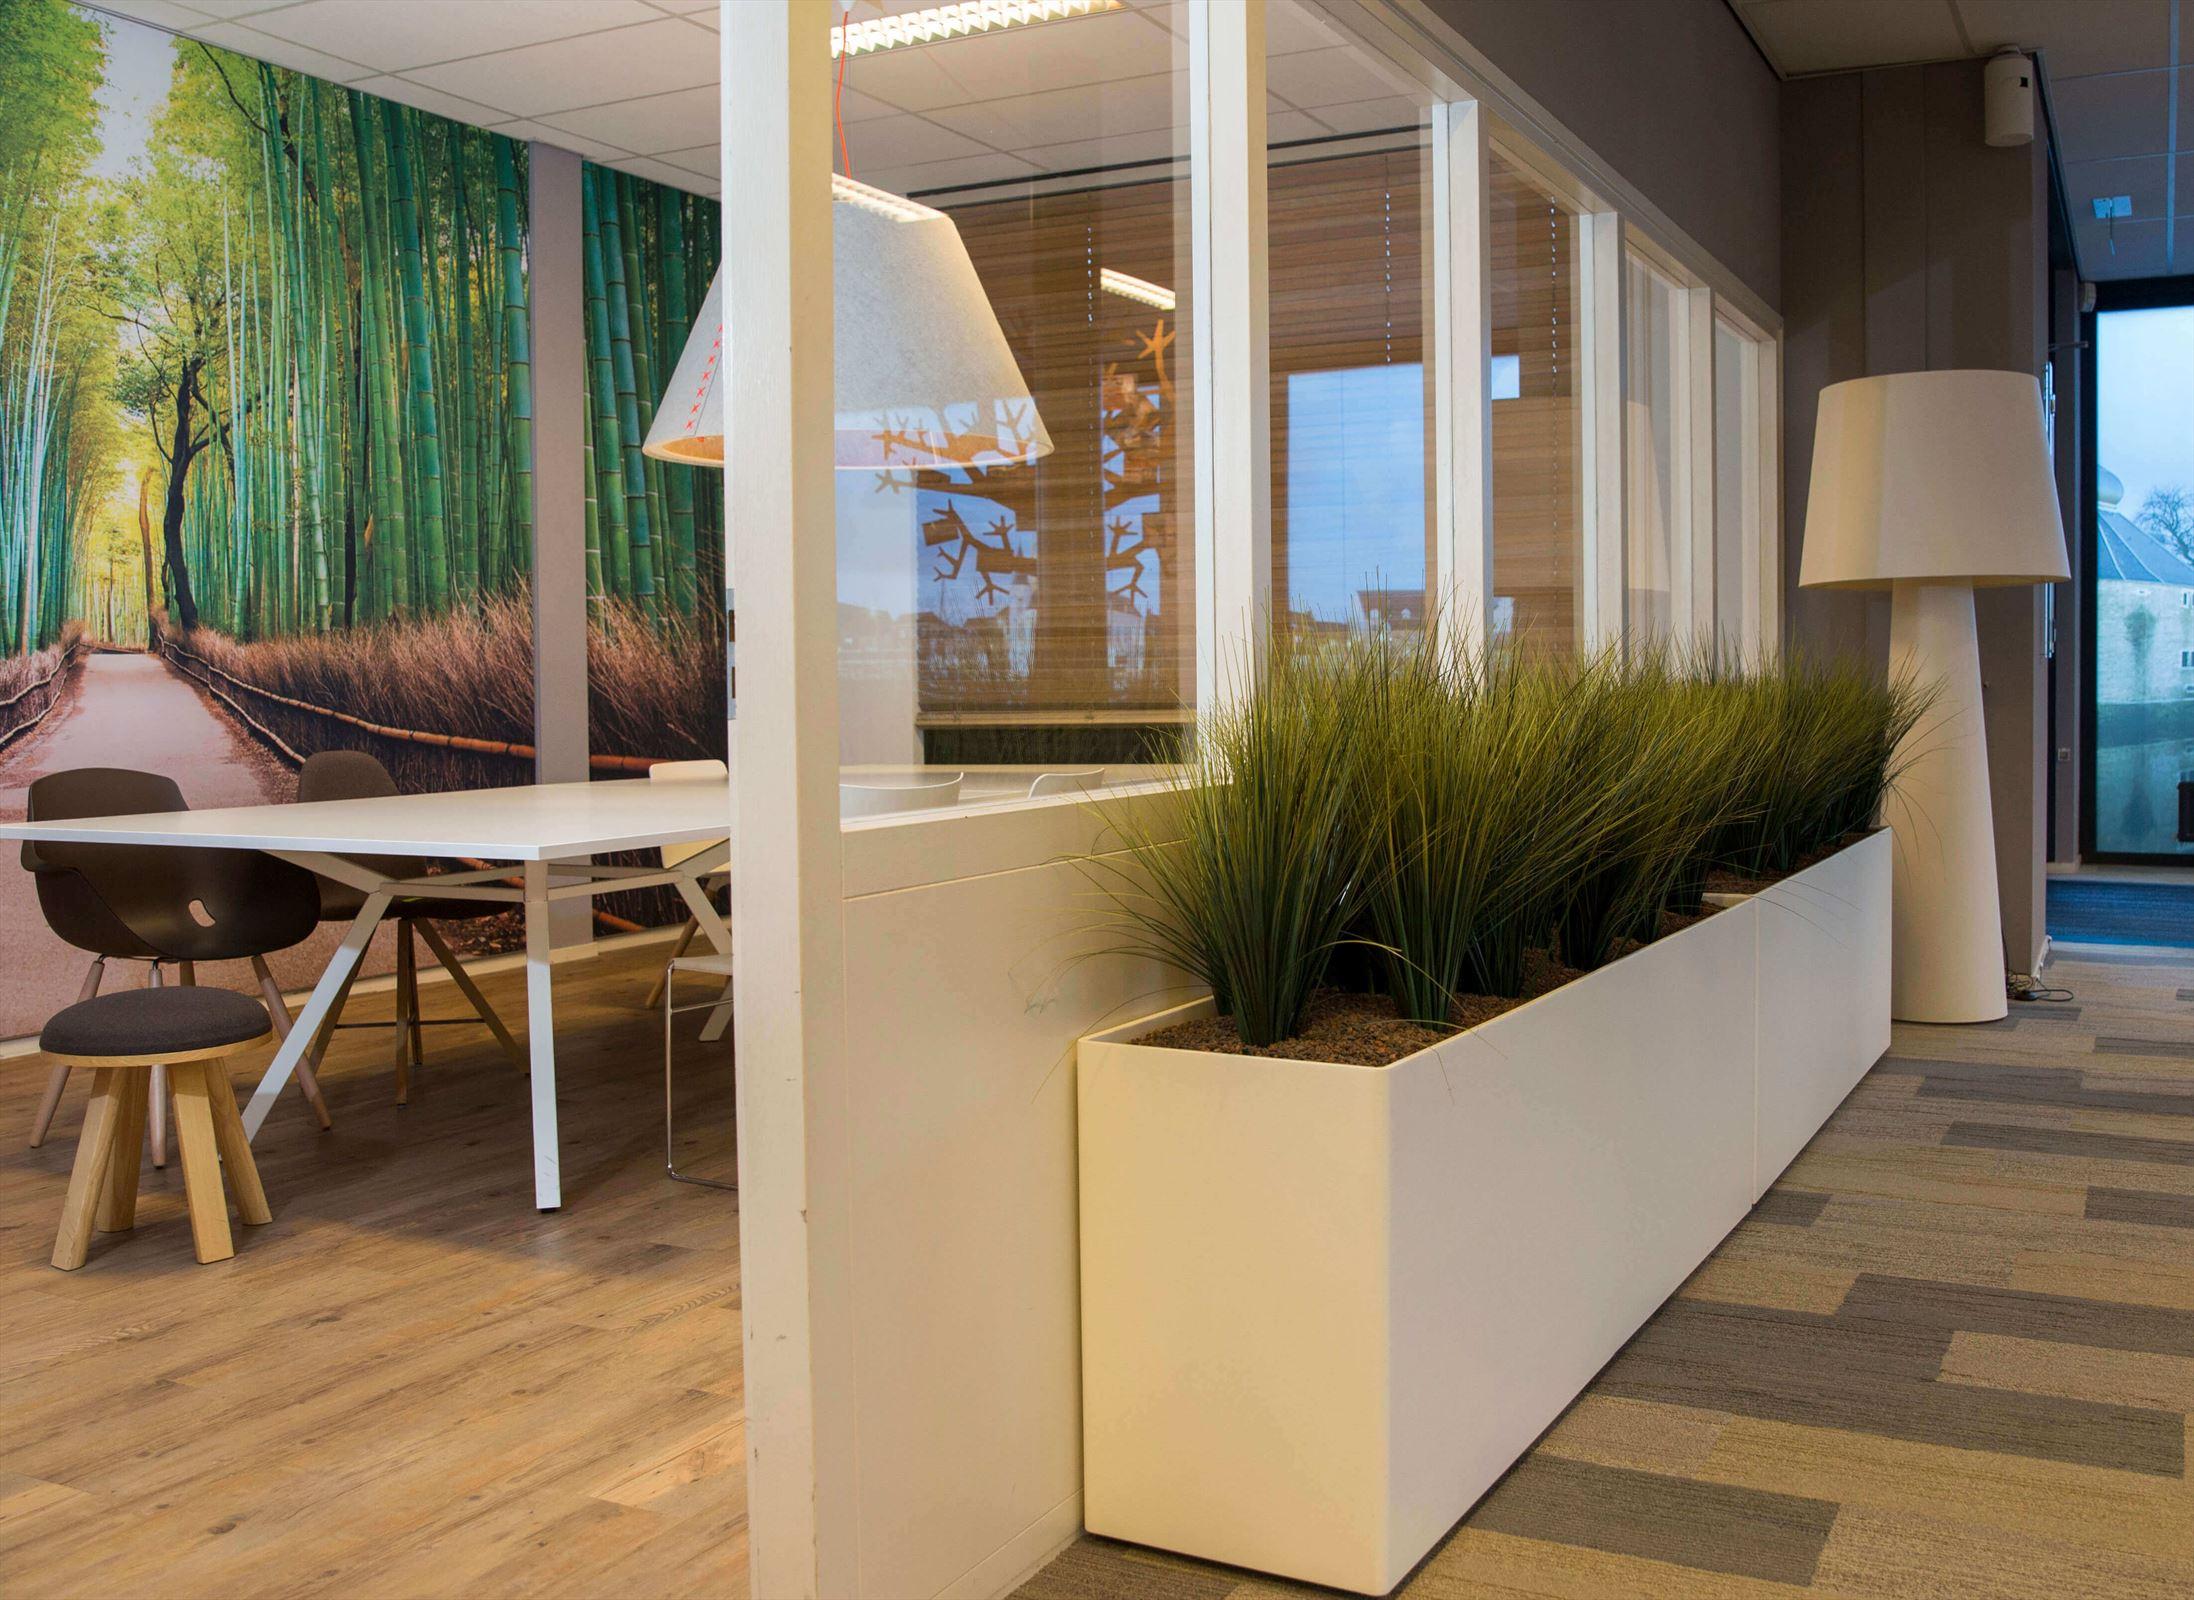 Complete projectinrichting is ons specialisme. Je kunt bij Van den Corput dus niet alleen terecht voor kantoormeubilair, maar ook met wand-, vloer- en raambekleding zijn we je graag van dienst.